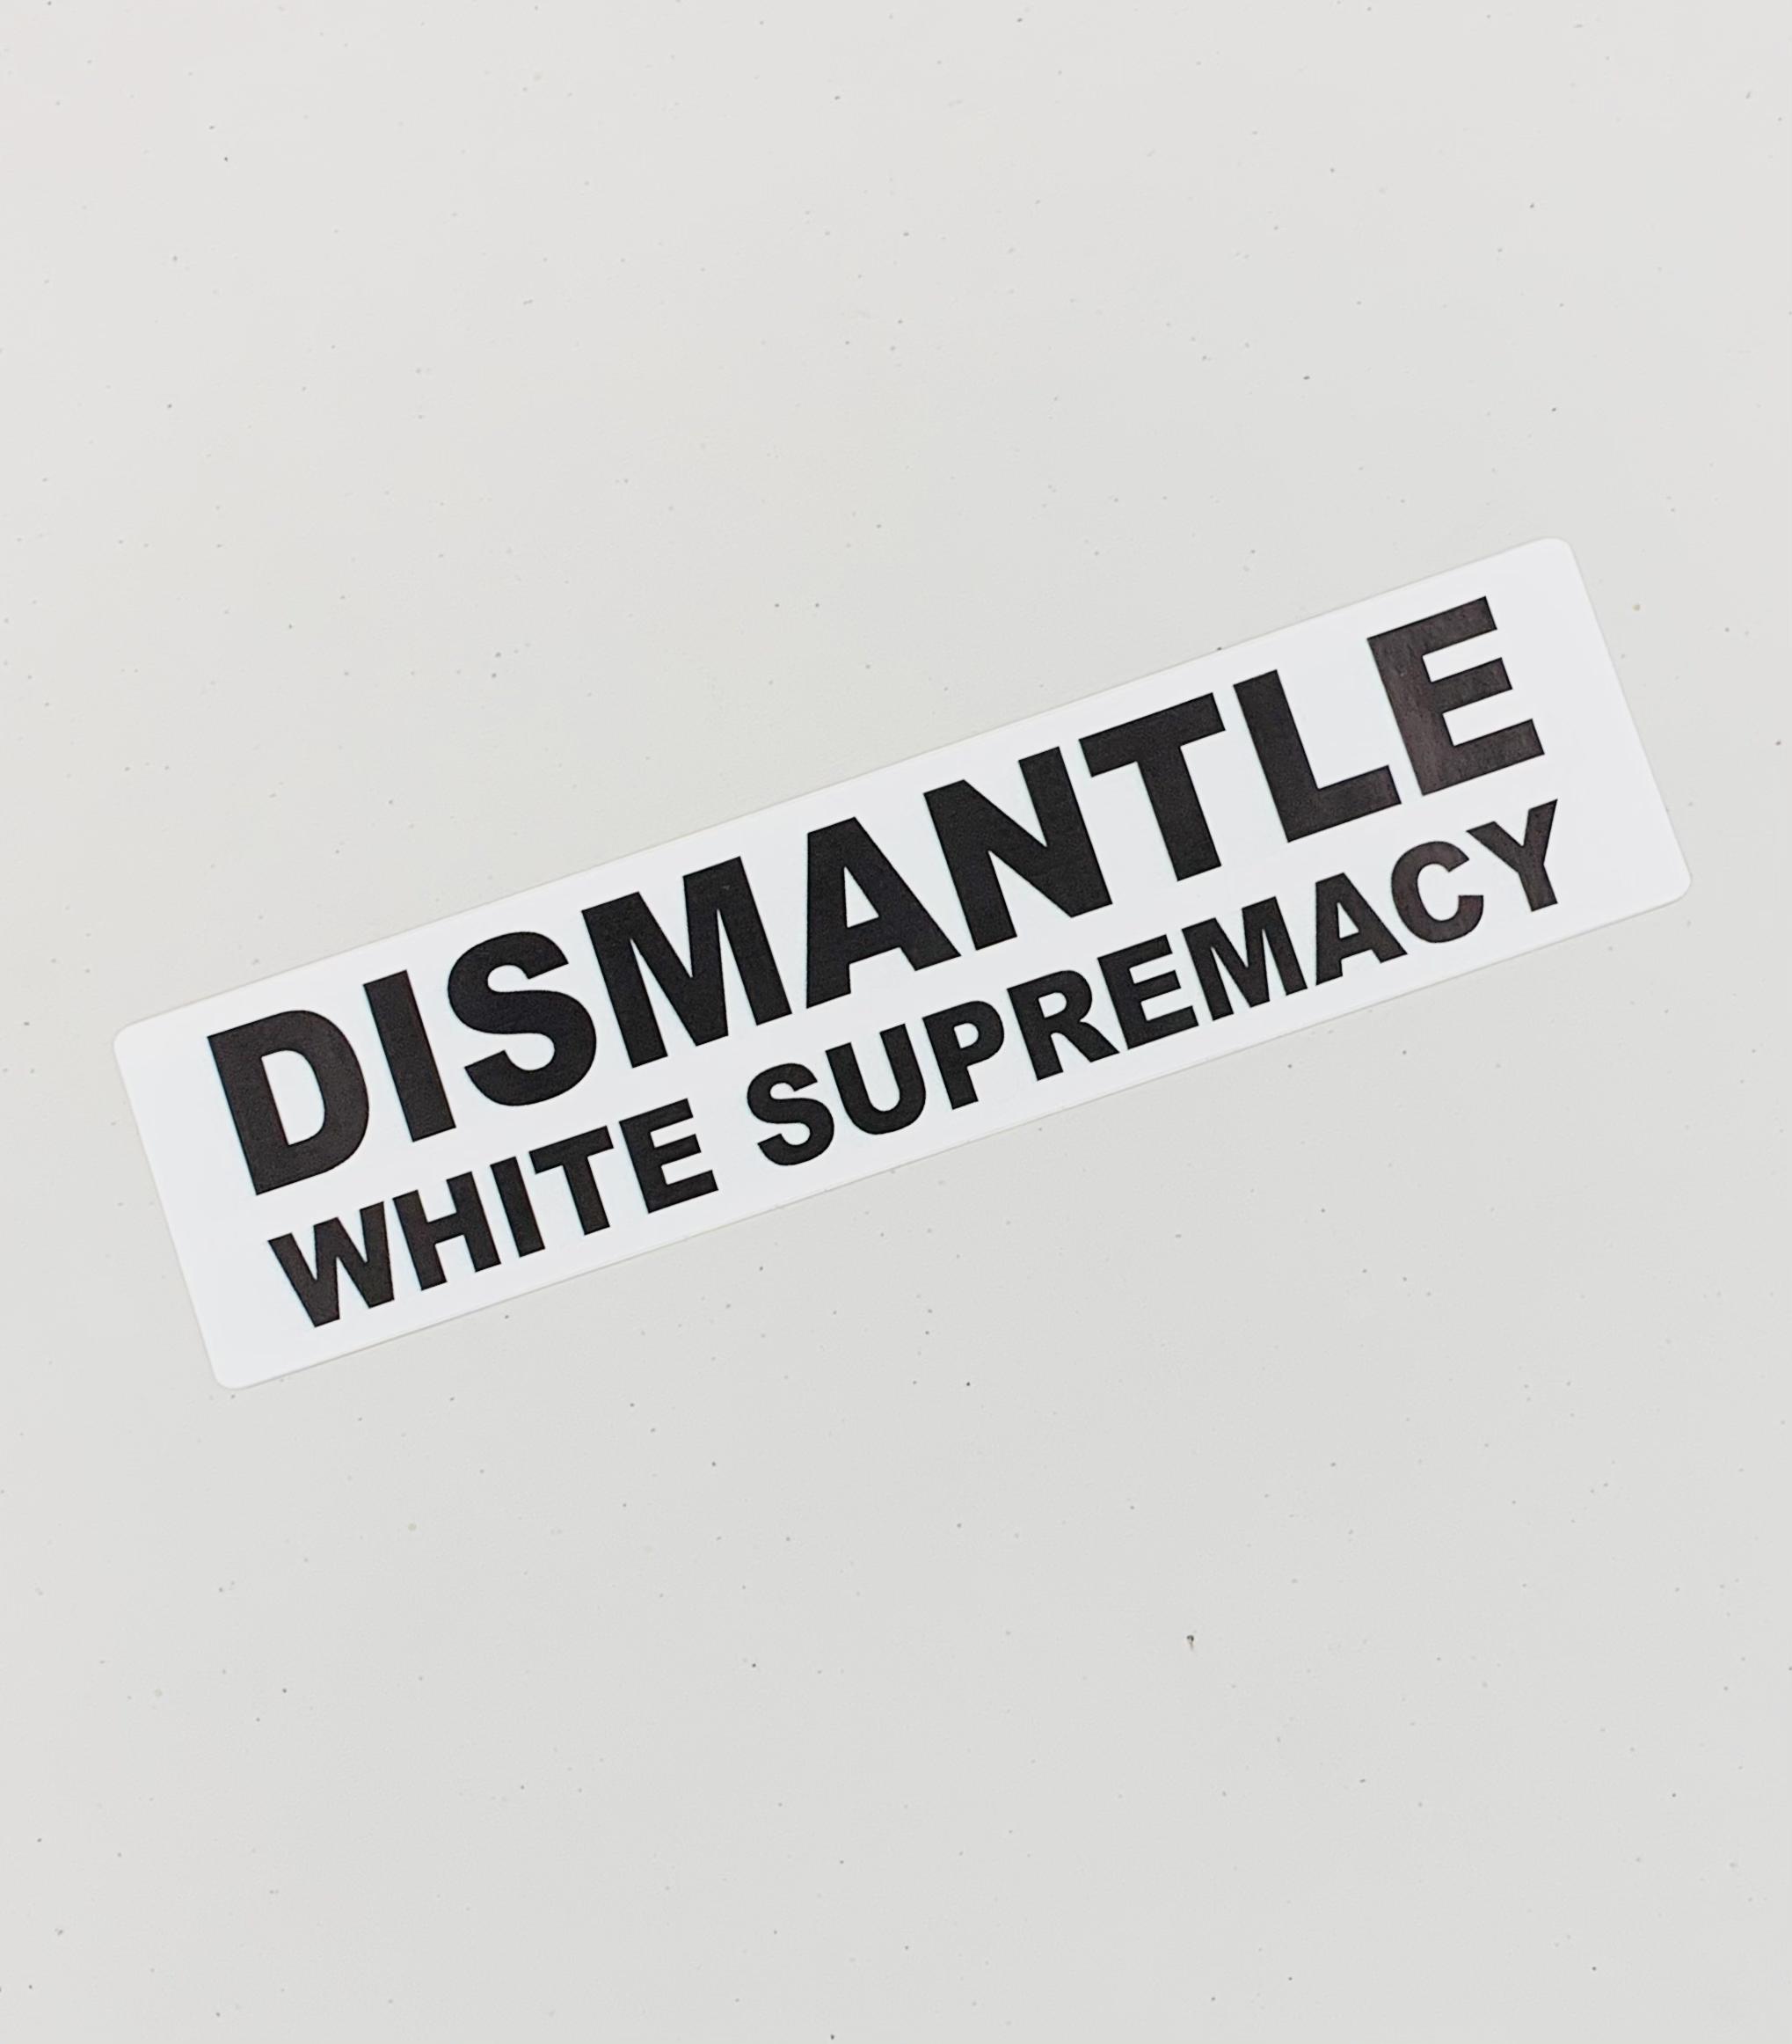 Dismantle White Supremacy Bumper Sticker